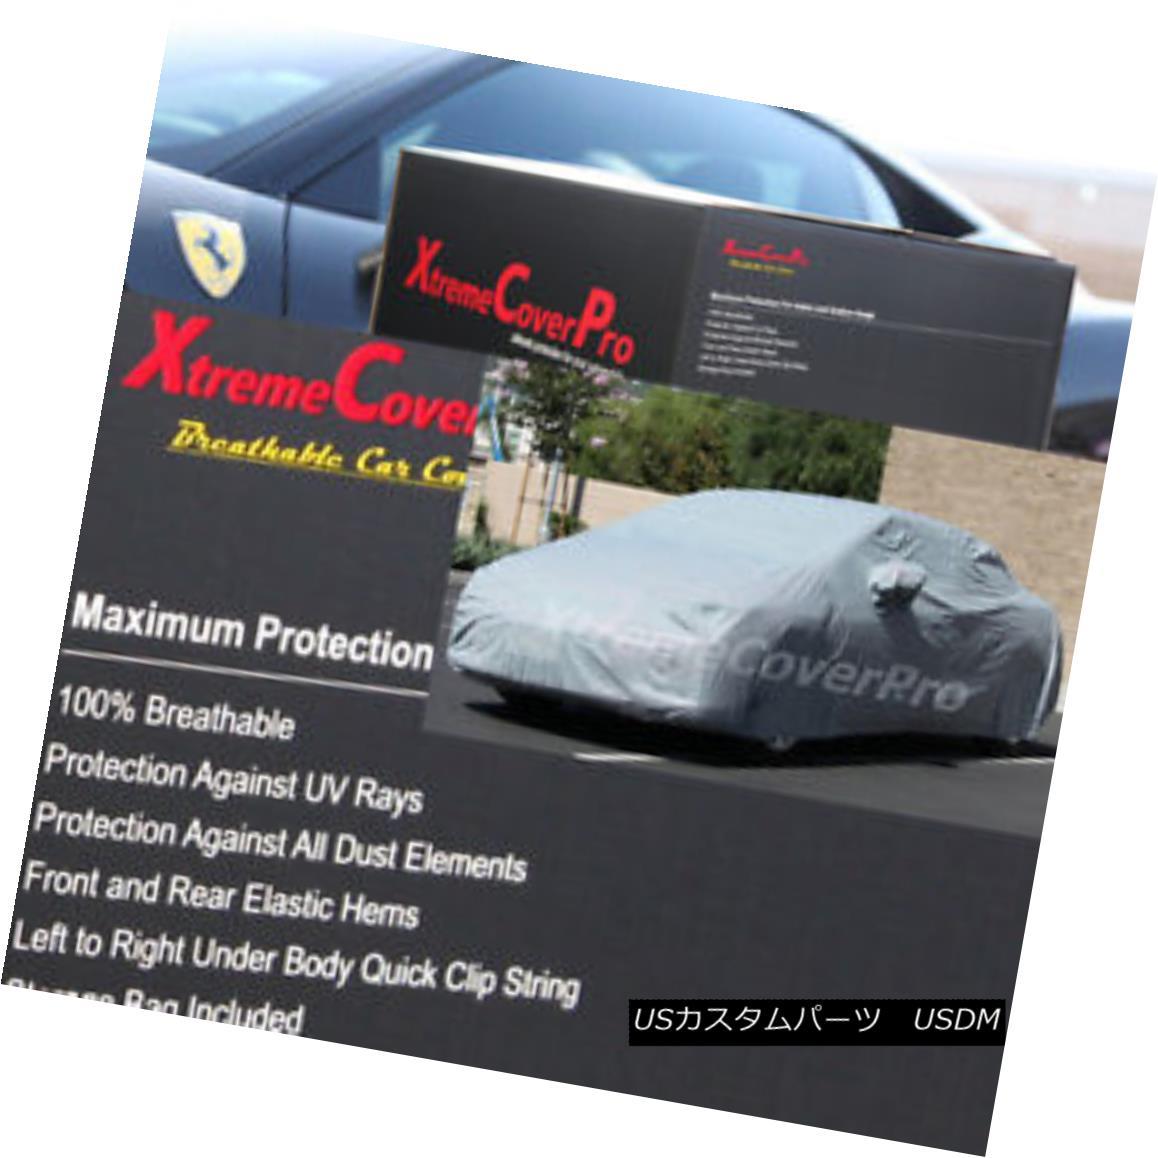 カーカバー 2005 2006 2007 Chevy Cobalt Sedan Breathable Car Cover w/MirrorPocket 2005年2006年シボレーコバルトセダン通気性車カバー付き(MirrorPocket)